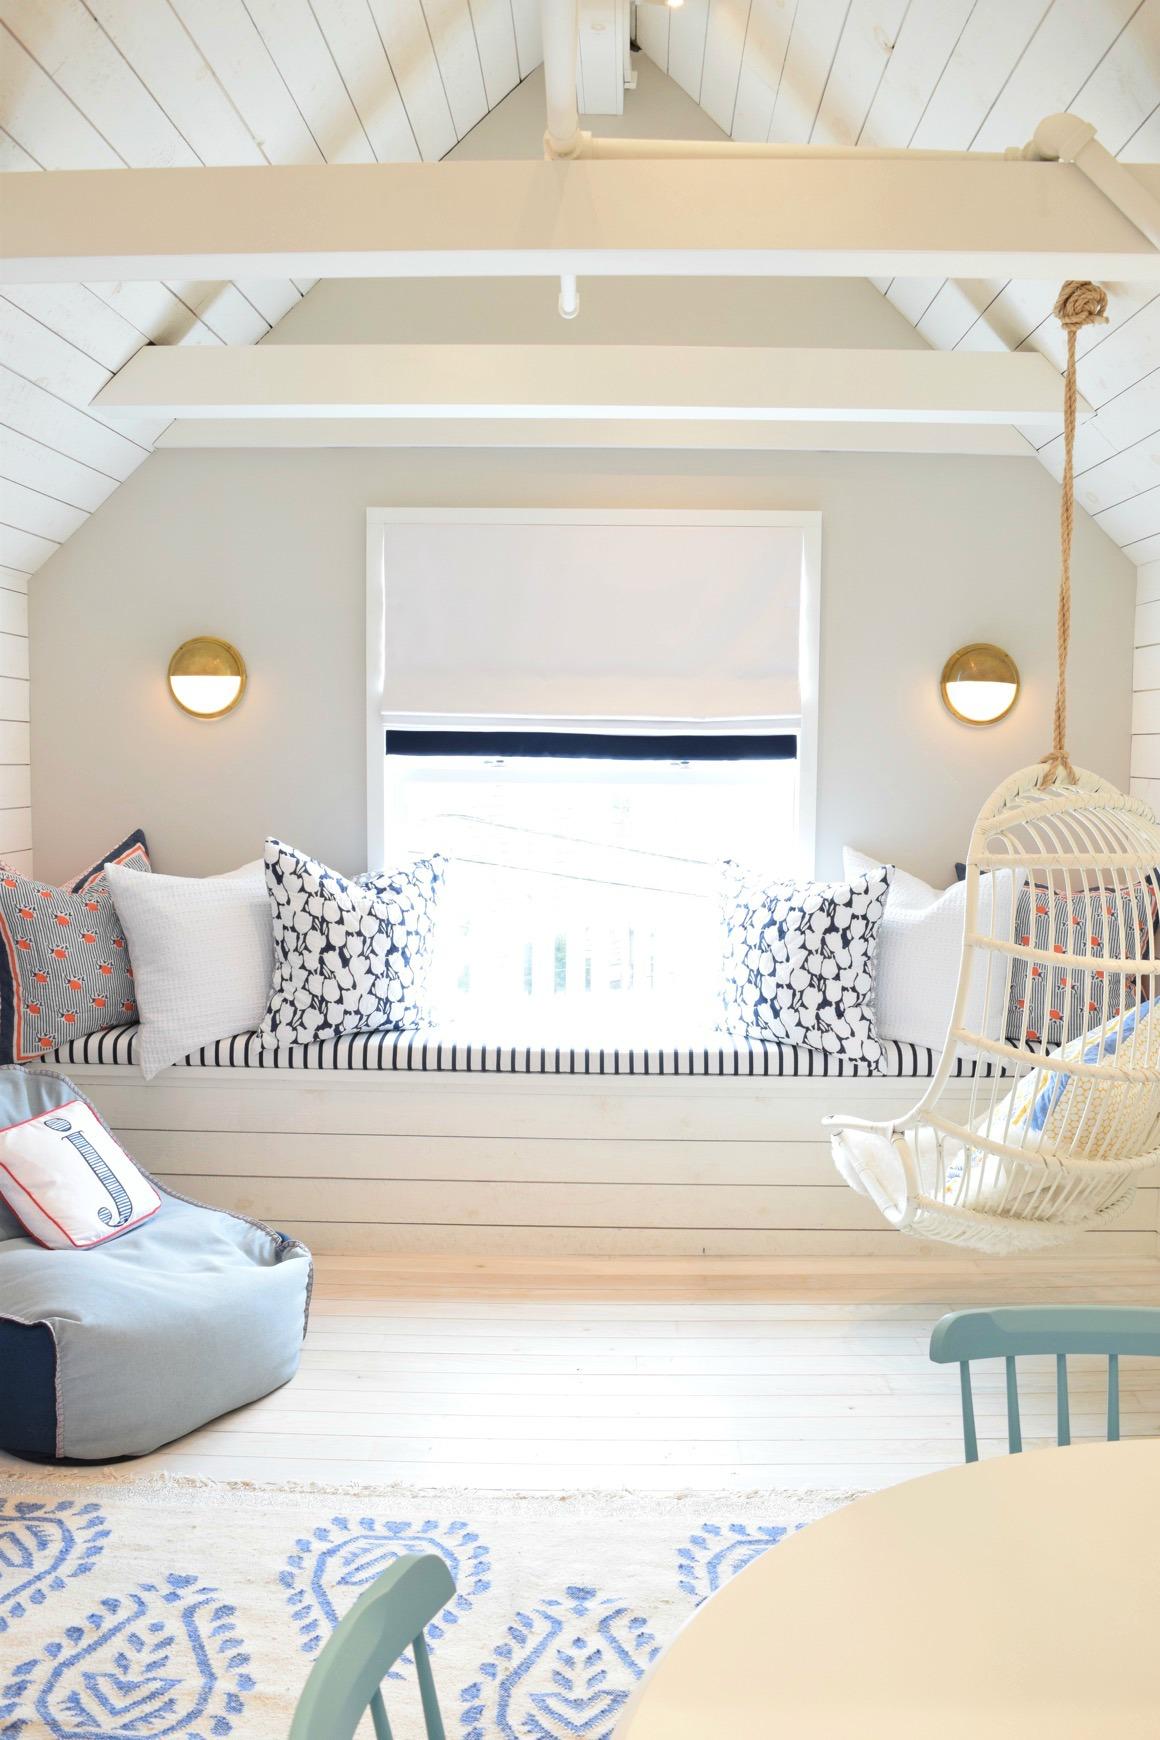 Come scegliere i colori giusti per la mansarda - Cambiare colore ai mobili di legno ...